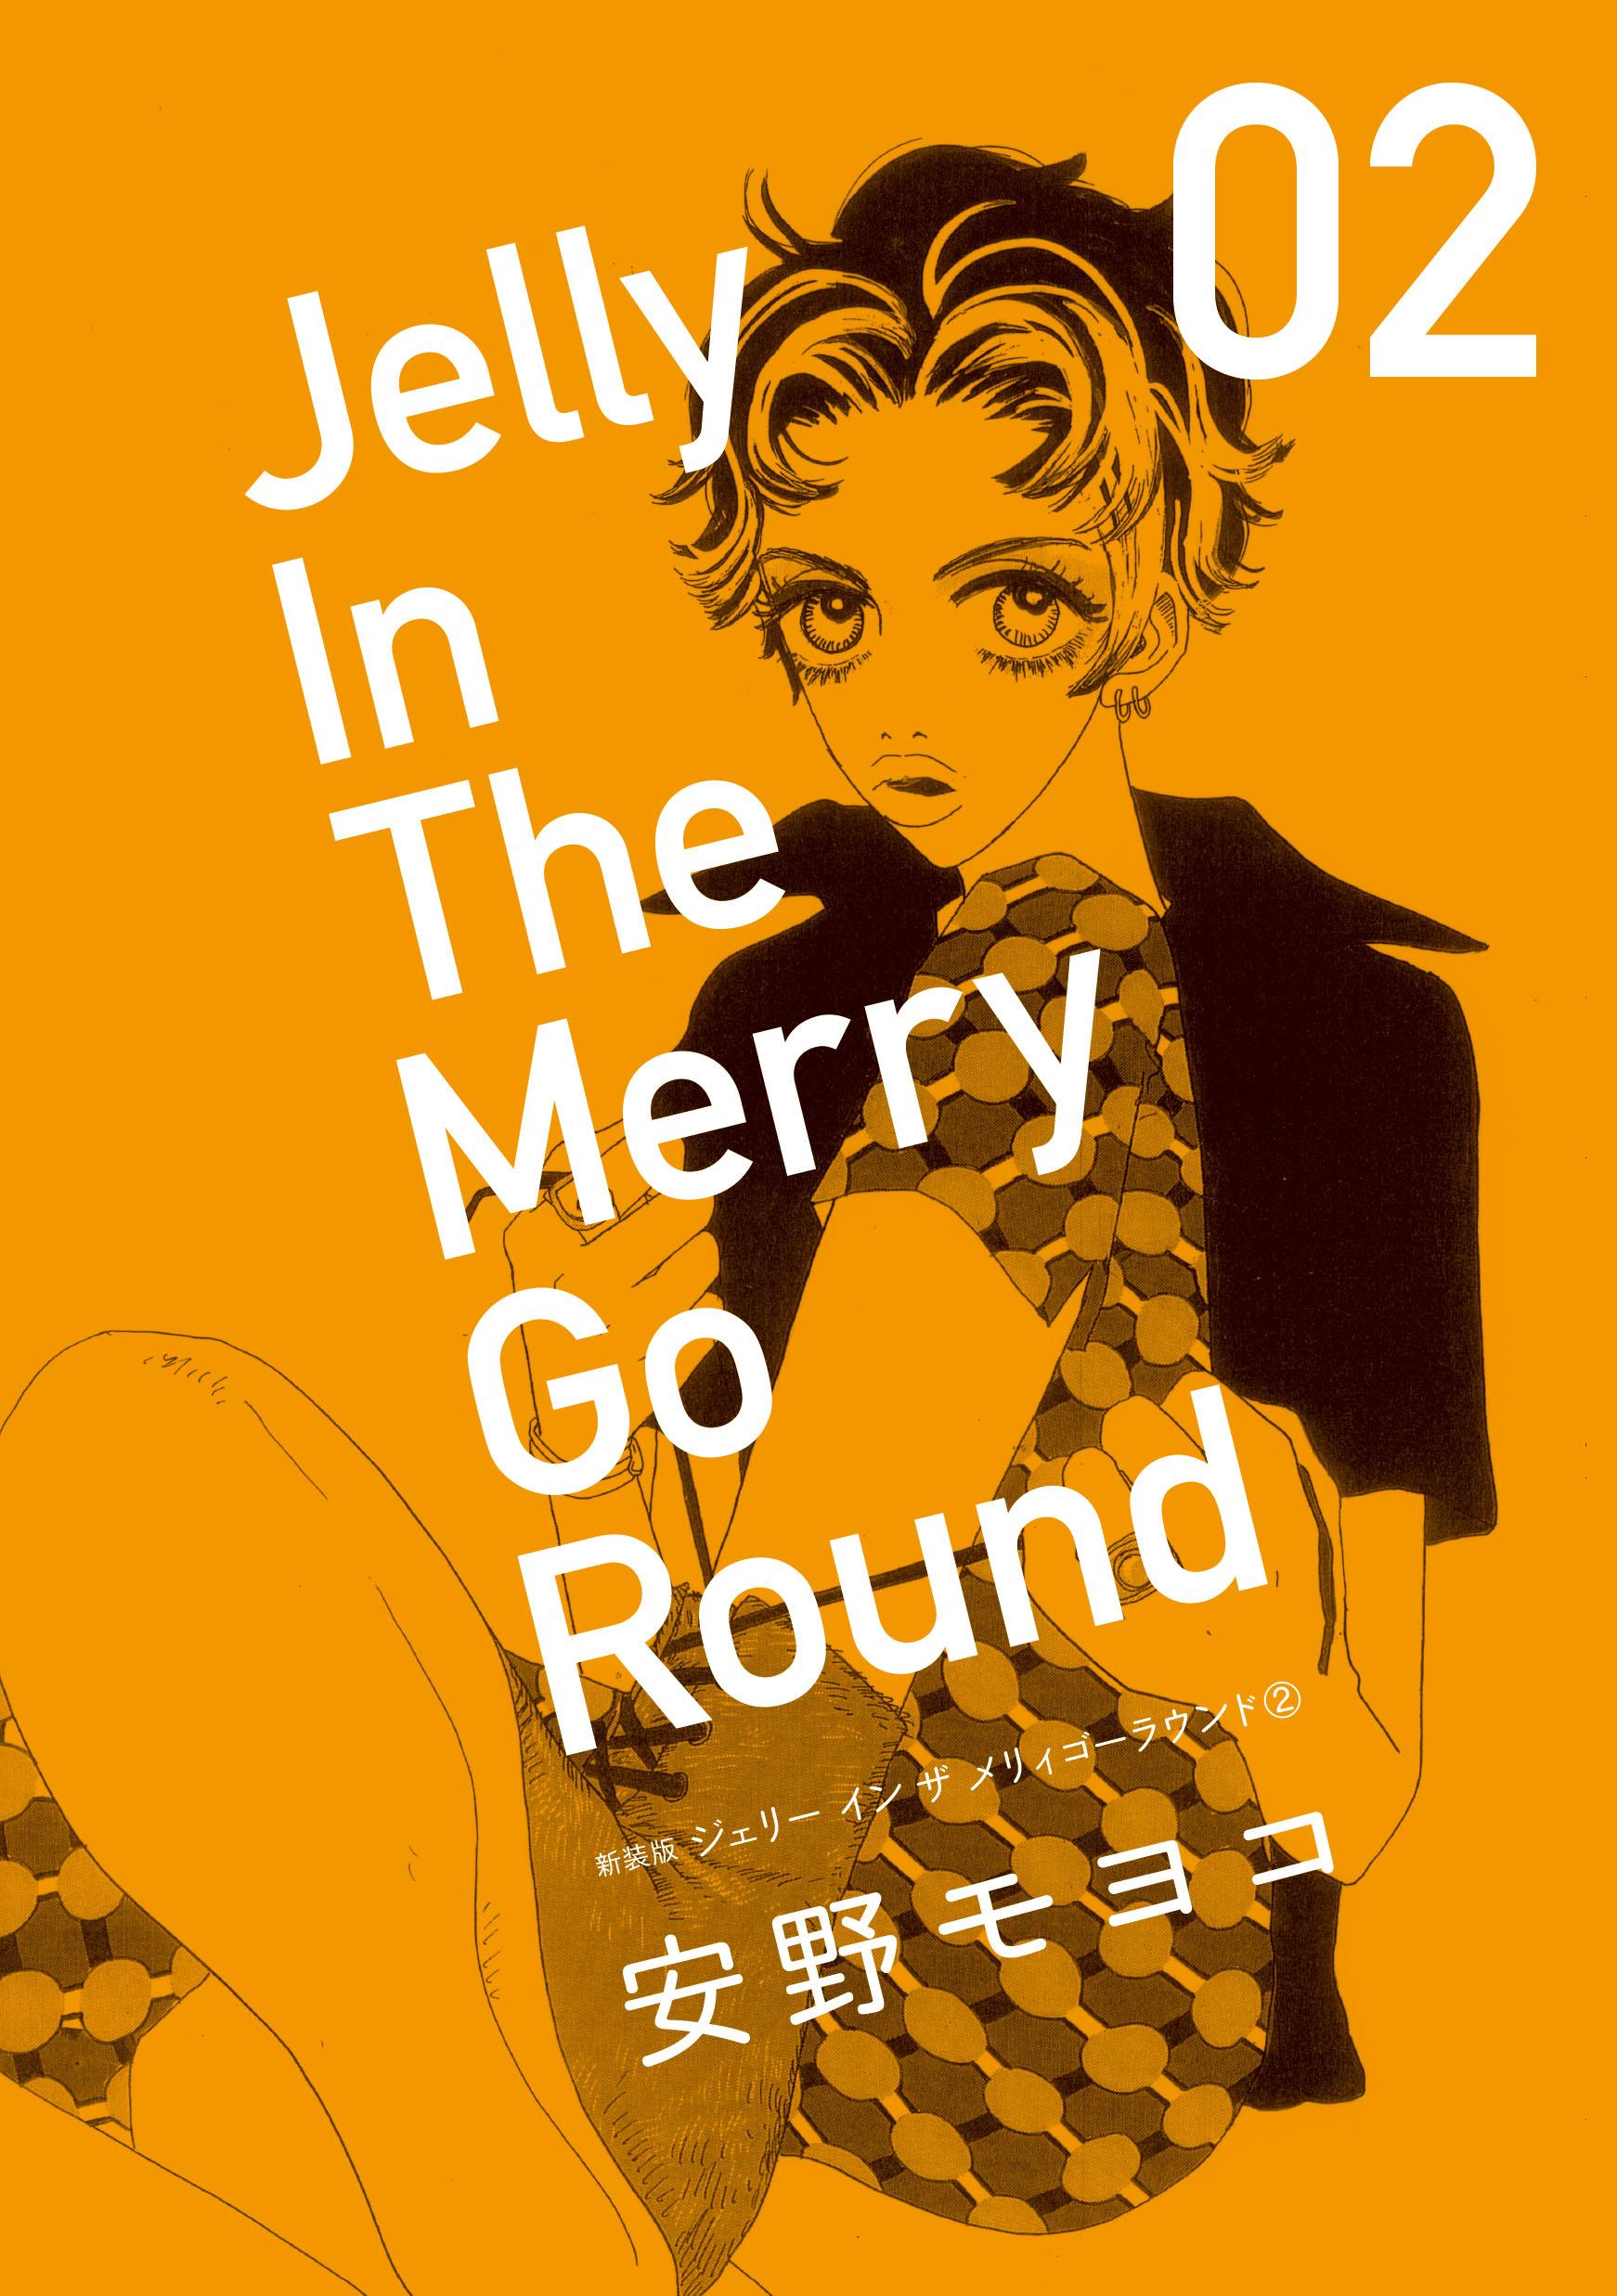 新装版 ジェリー イン ザ メリィゴーラウンド (2)